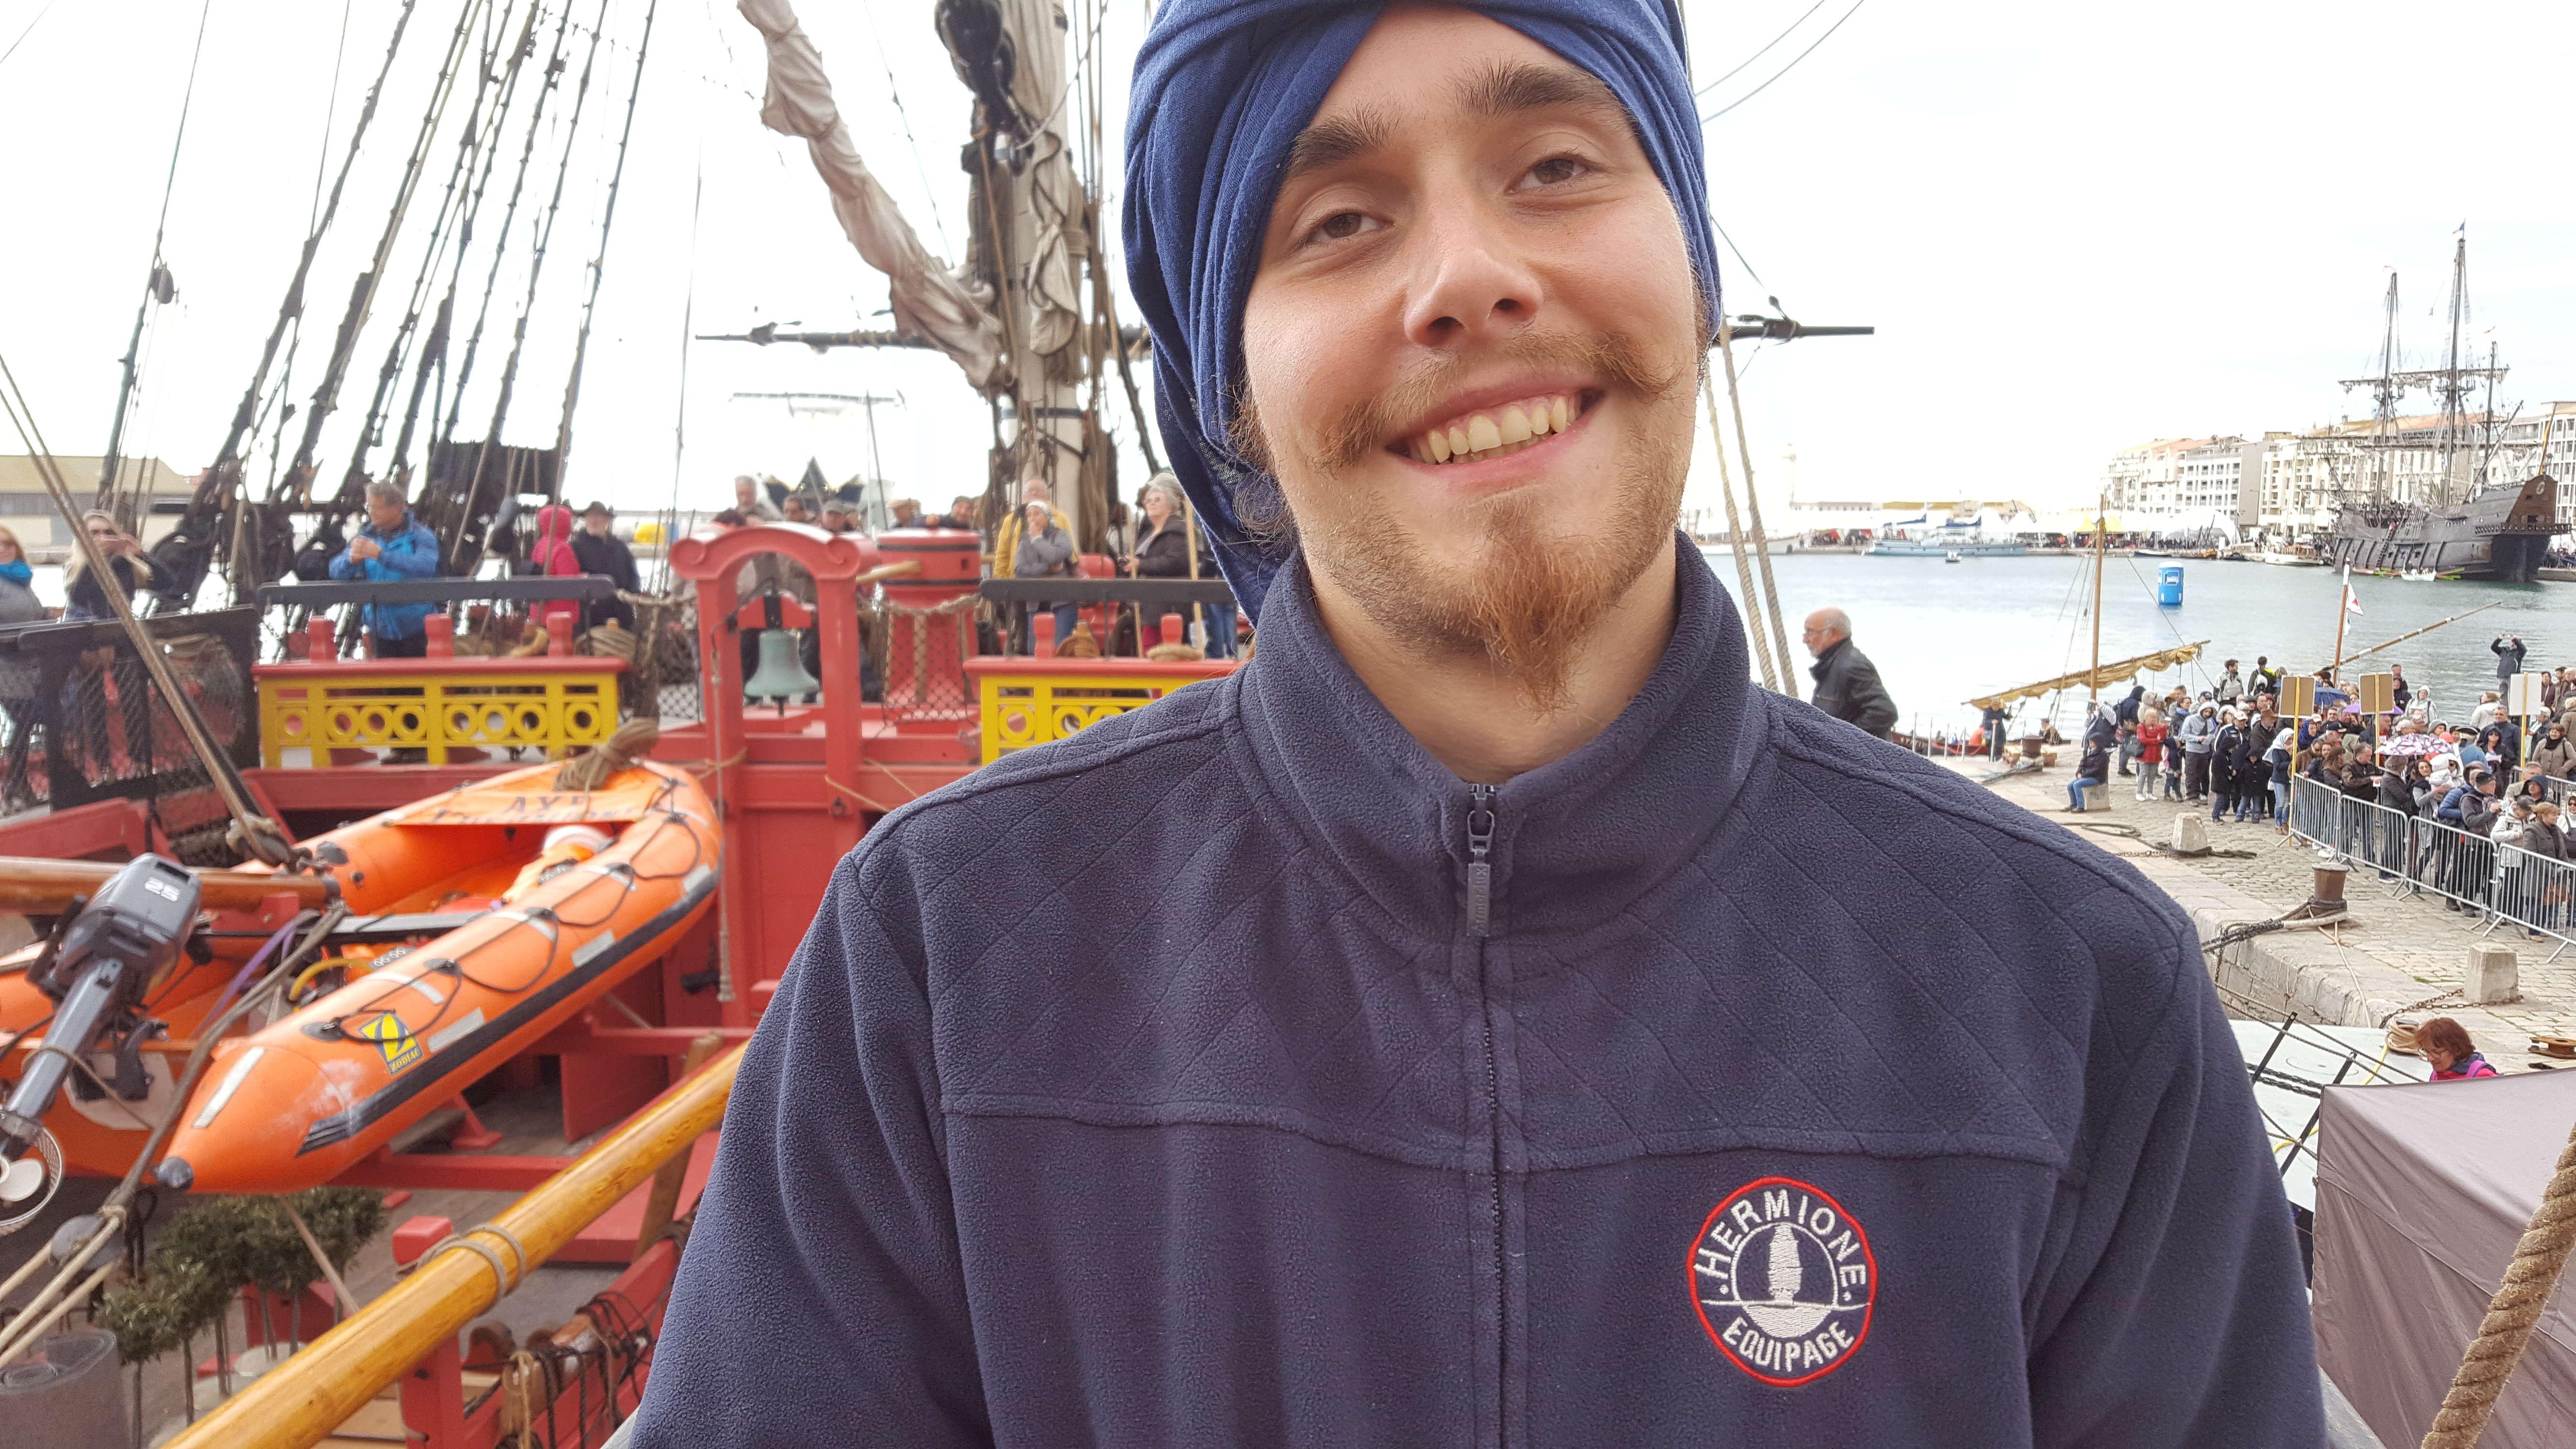 Zeci de tineri francofoni din 34 de tari din OIF navigheaza si ajuta la manevrele de pe L'Hermione